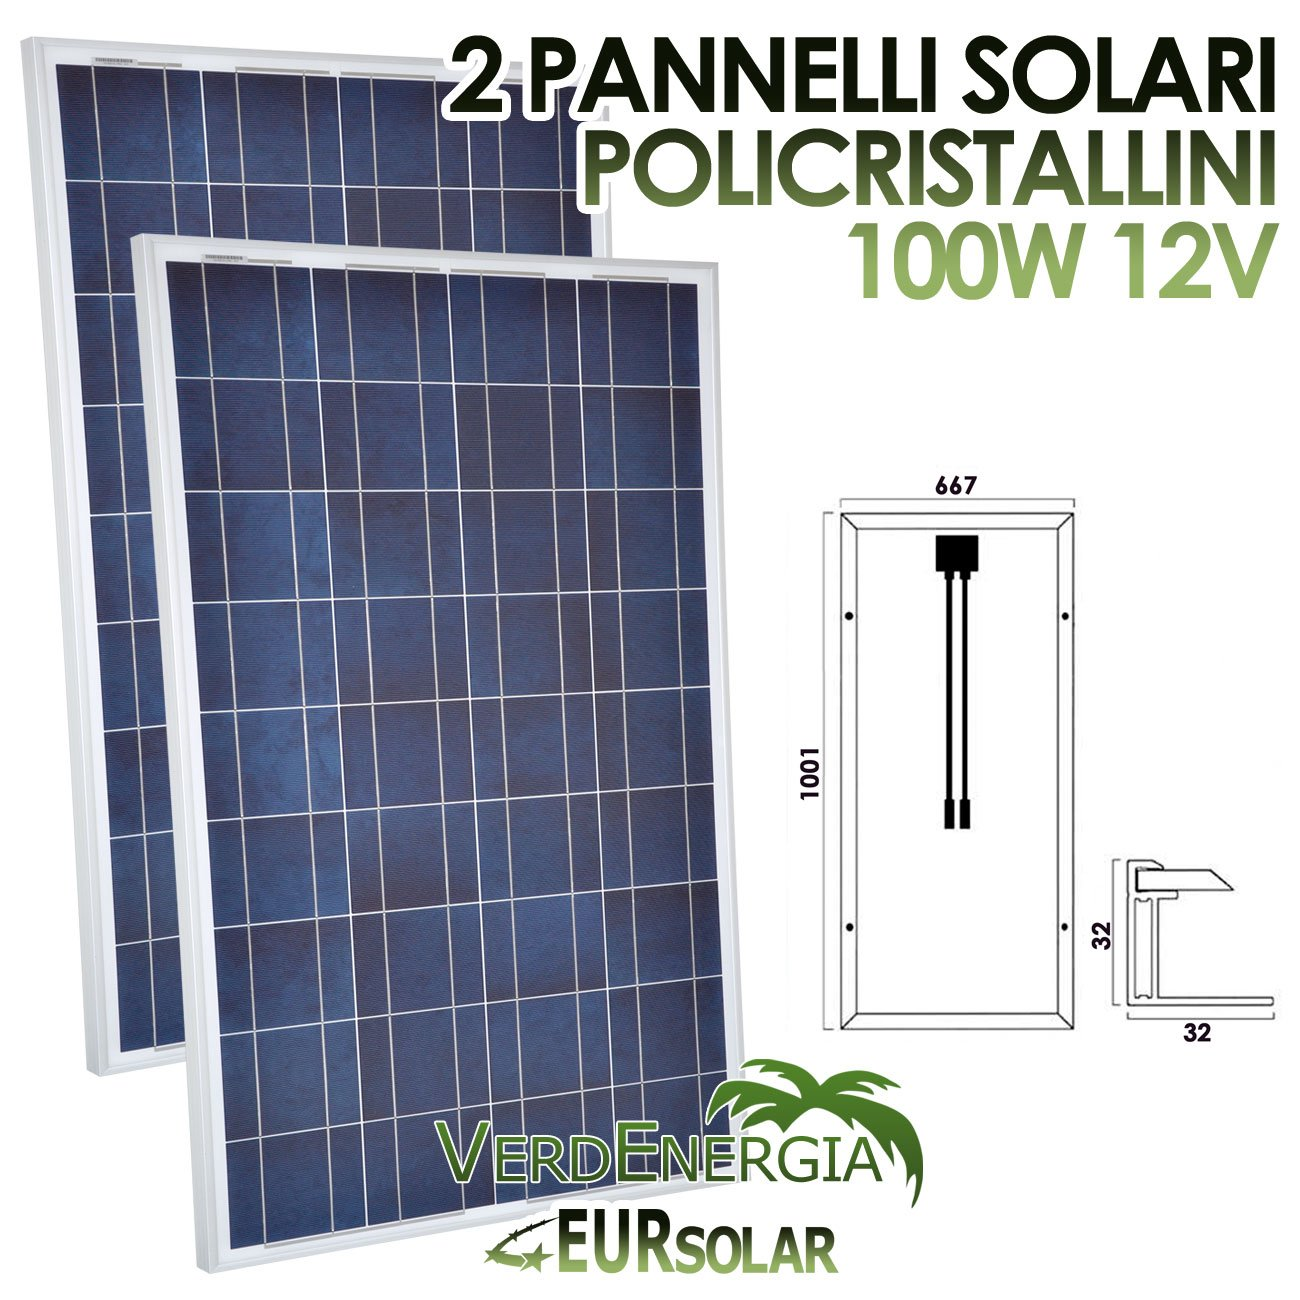 Kit von 4Solarpanel 100W Solarmodul Polykristallin 12V 4* 100W für Camper Boot Hütte eursolar